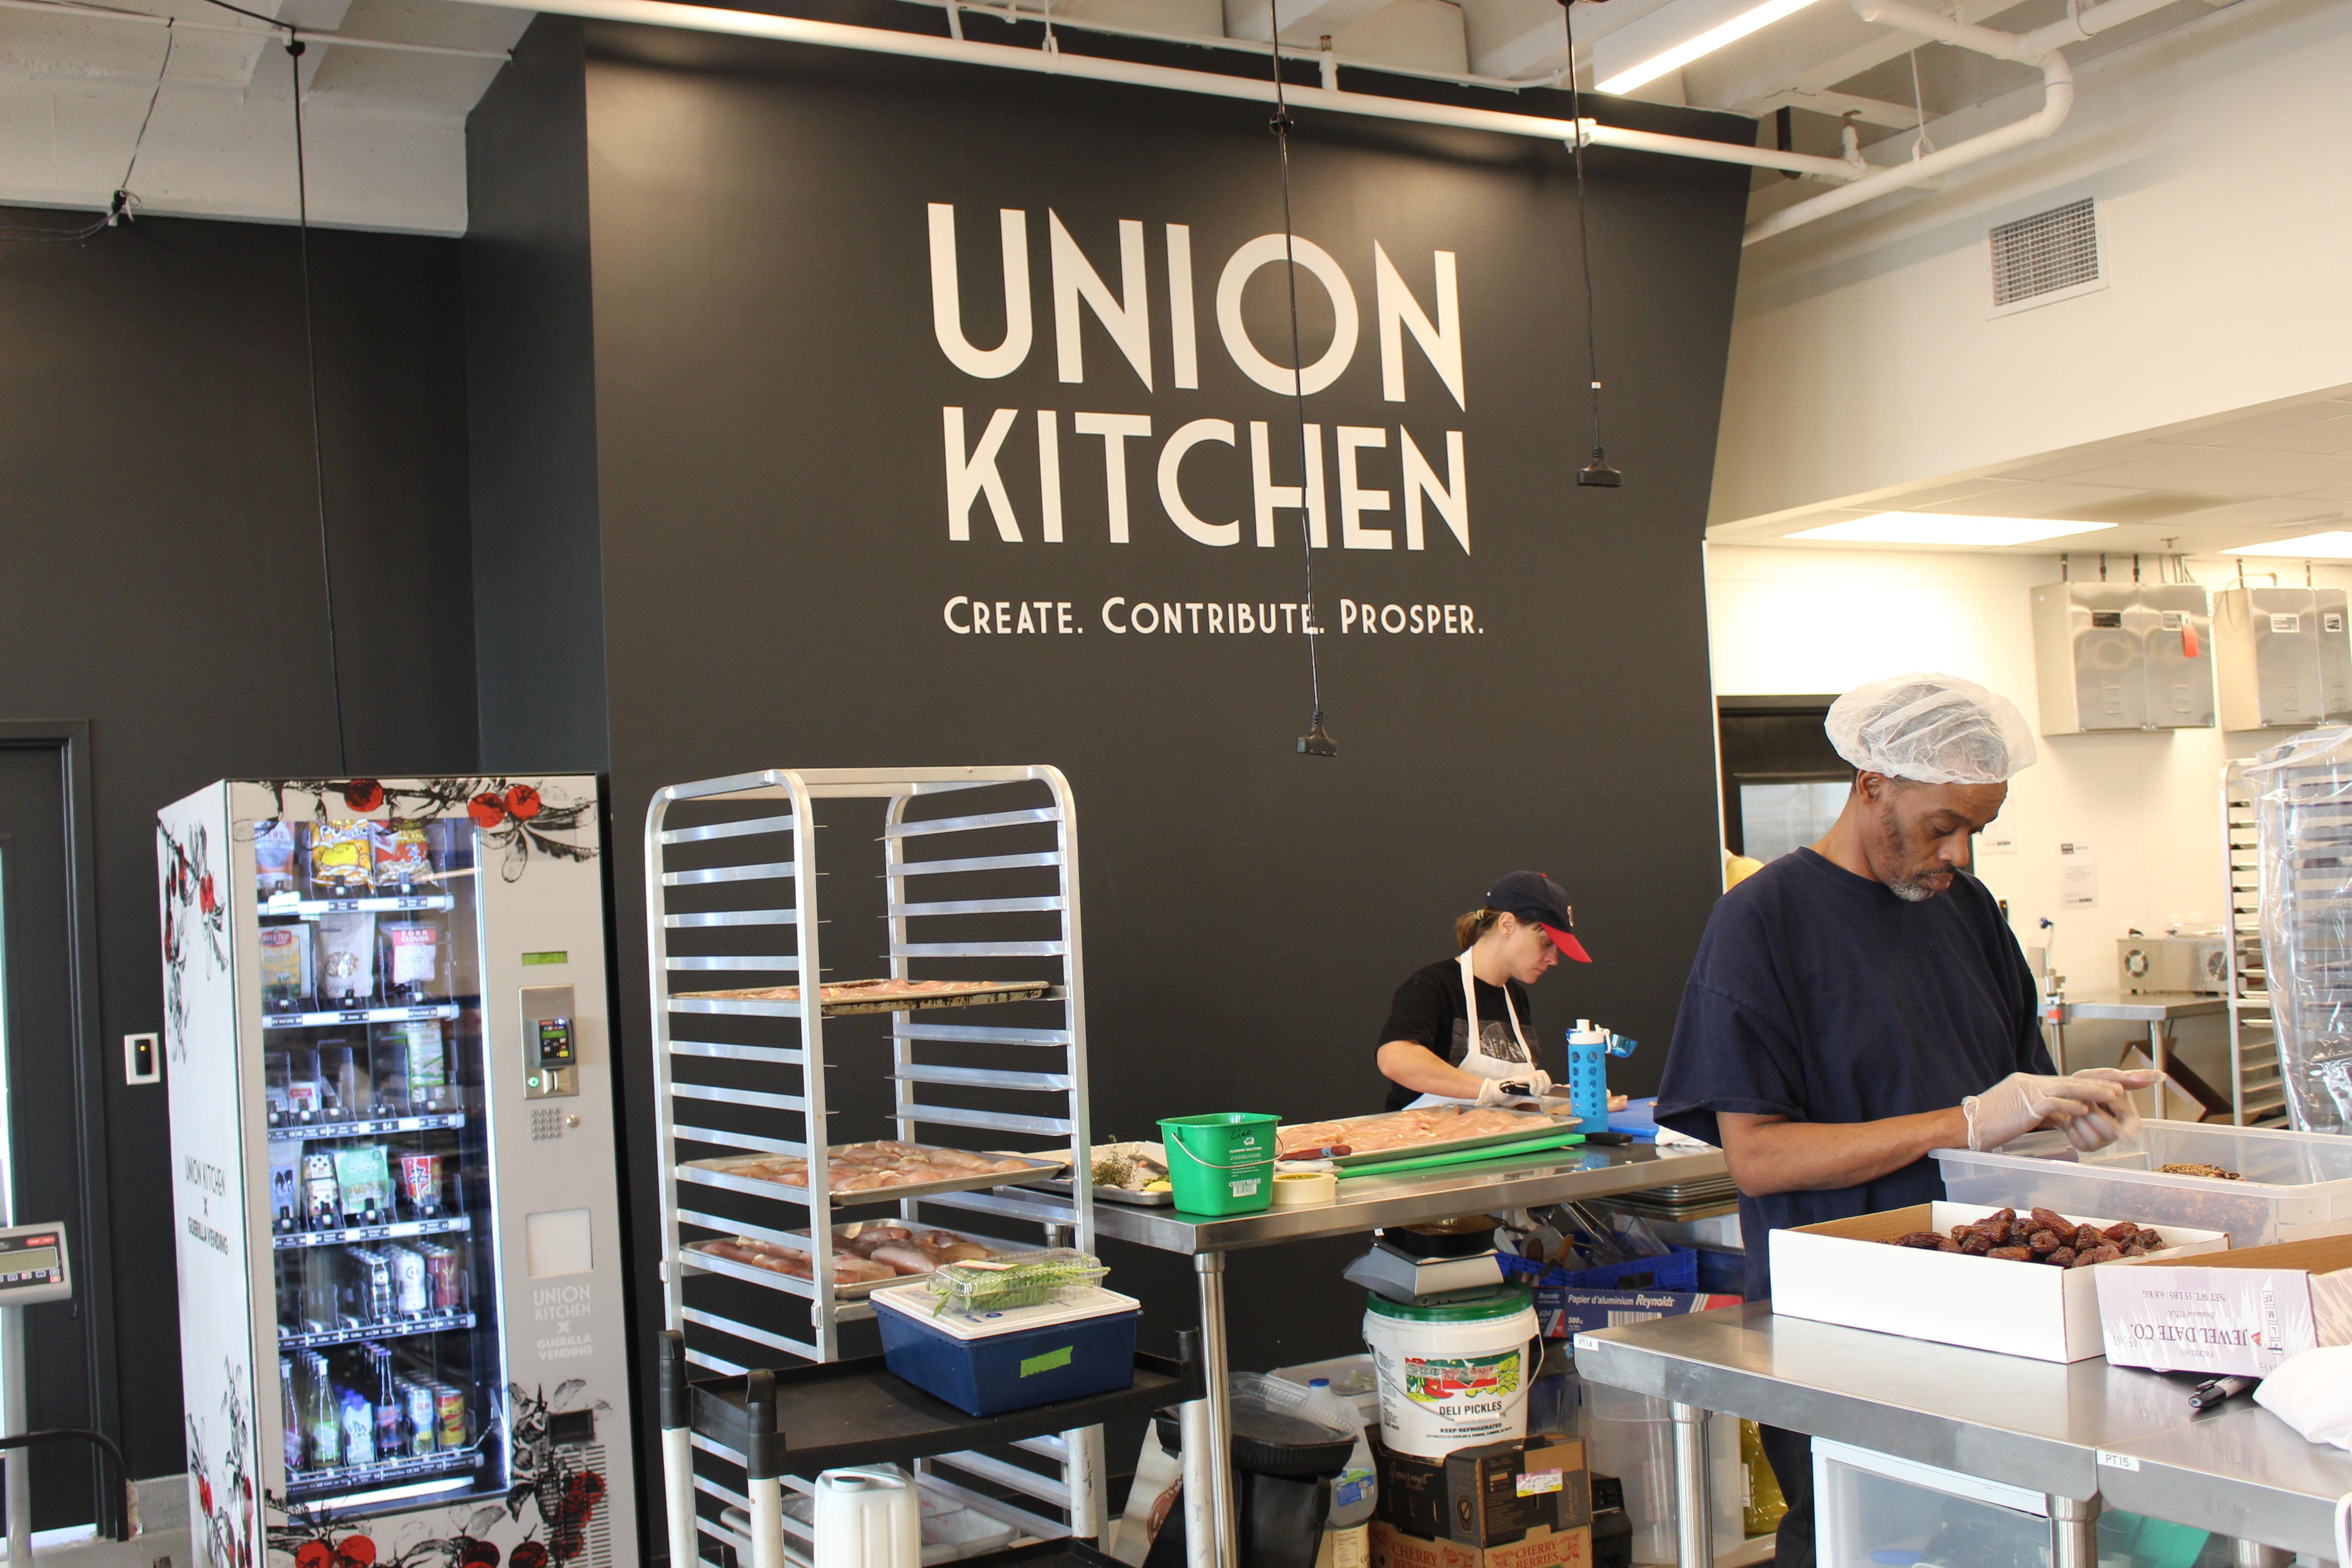 Union Kitchen: Where food truck dreams come true